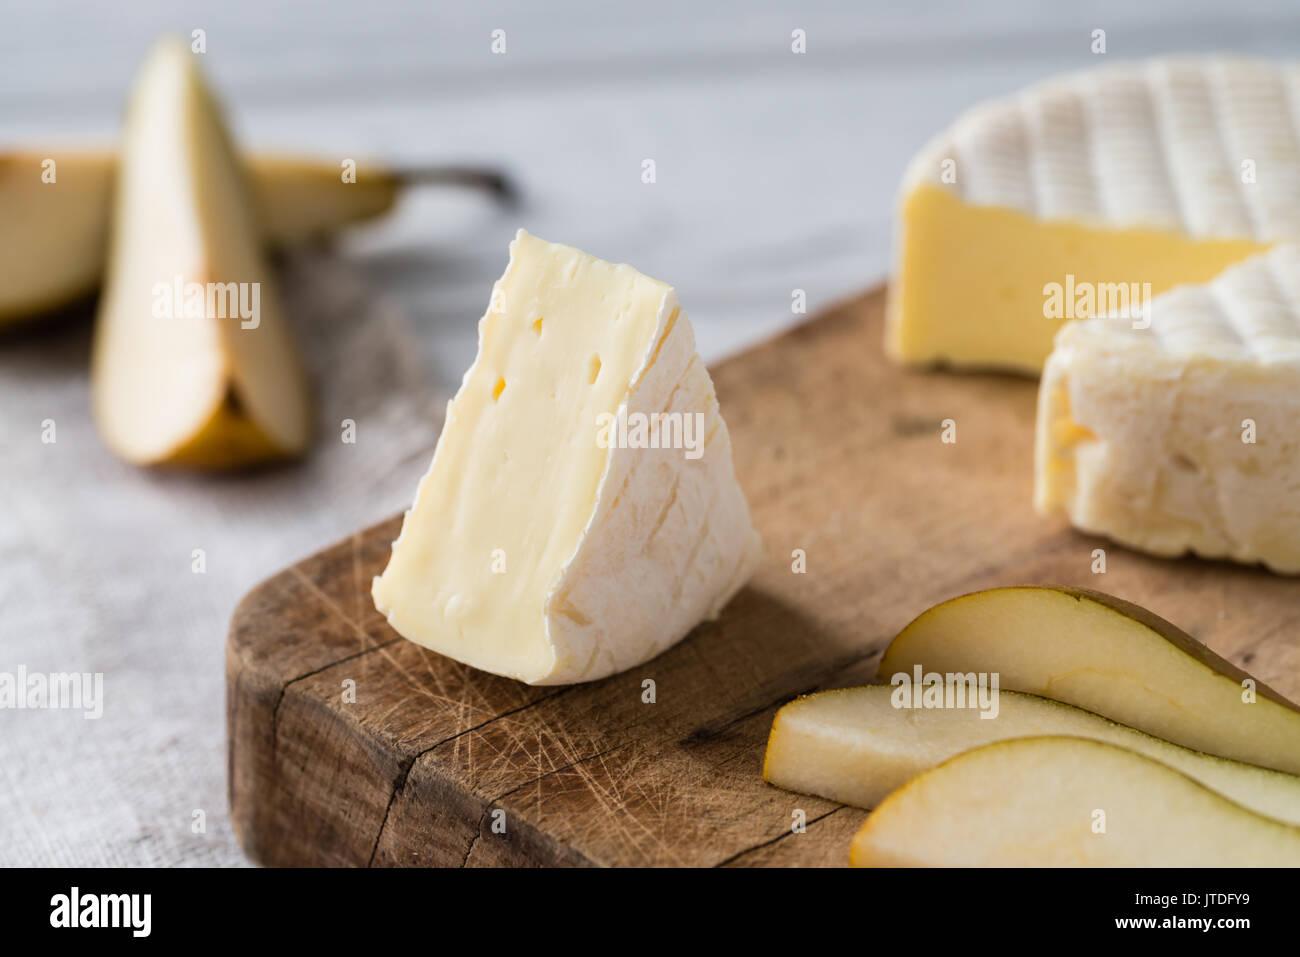 Gros plan du fromage français de Normandie en tranches avec poire sur une planche en bois sur fond blanc Photo Stock